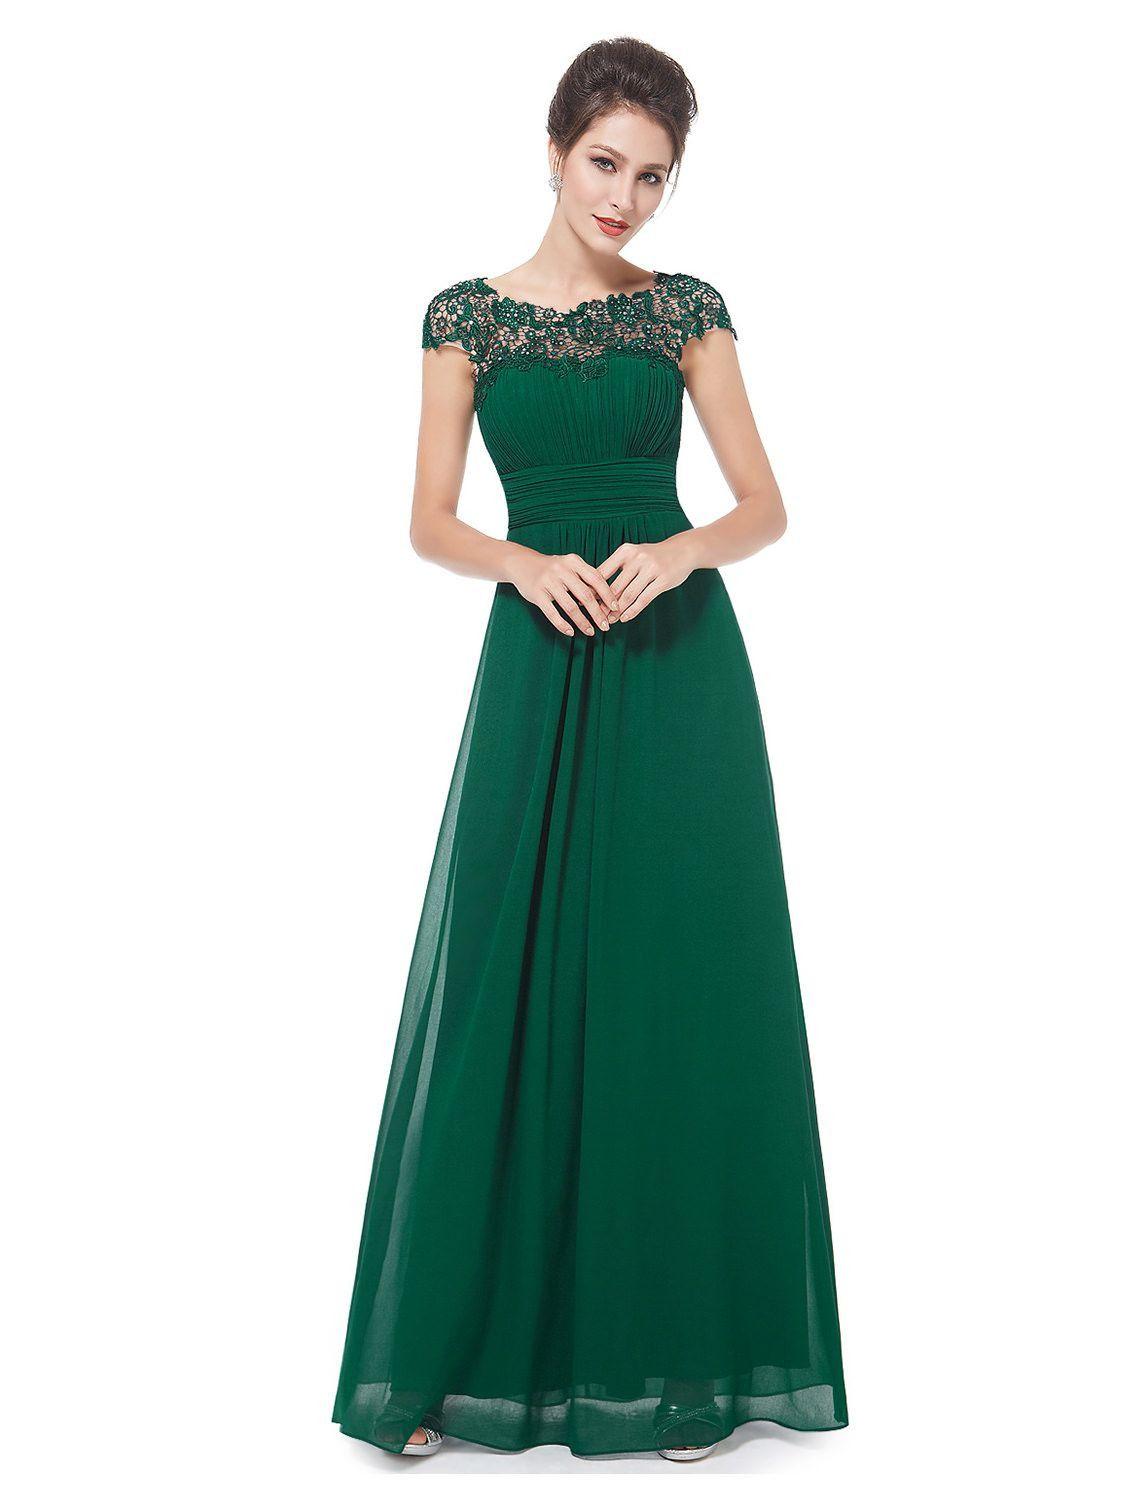 Grüne Abendkleider Hochzeit in 20  Abendkleid, Abendkleid grün